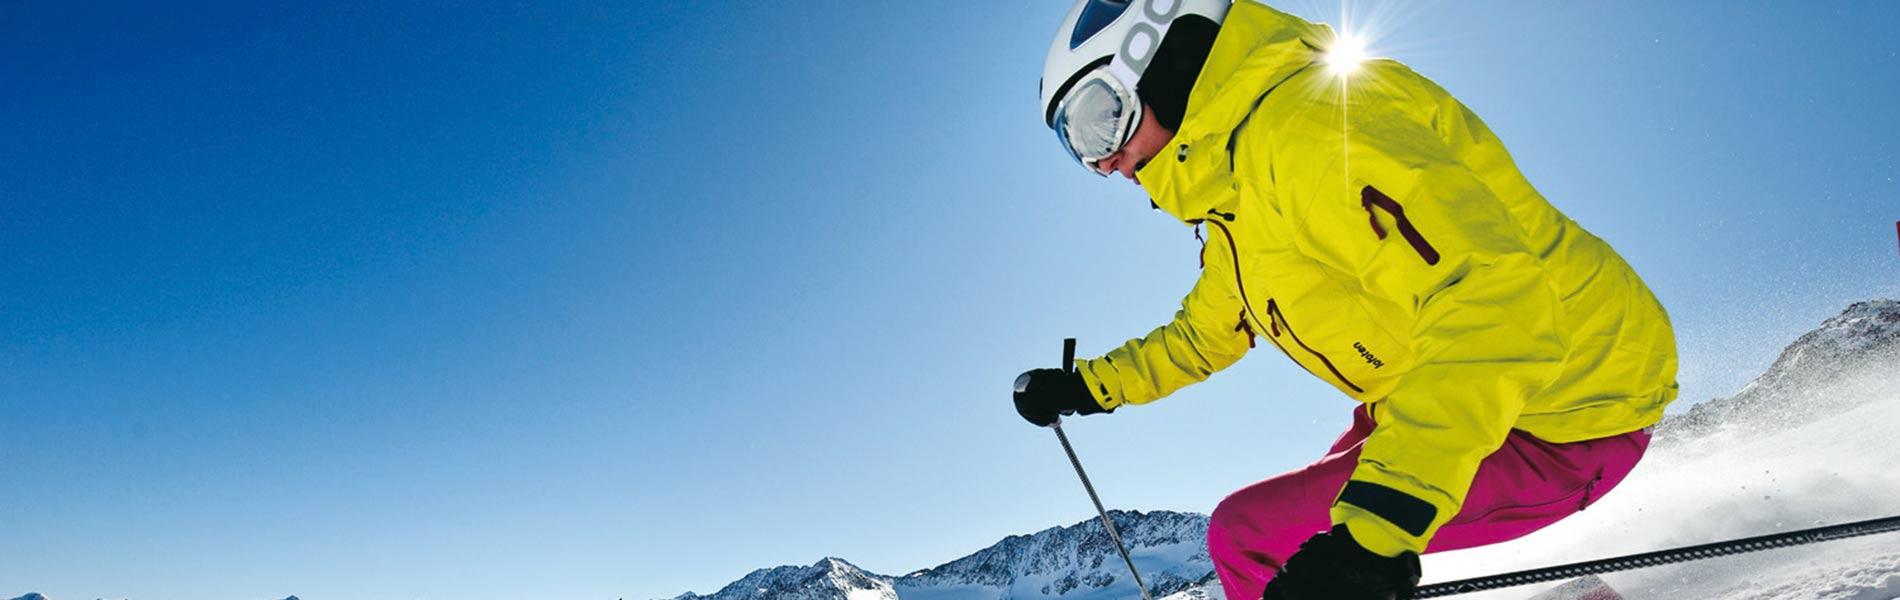 Skiurlaub in Tirol im Hotel Happy Stubai Hostel Neustift Stubaital Österreich